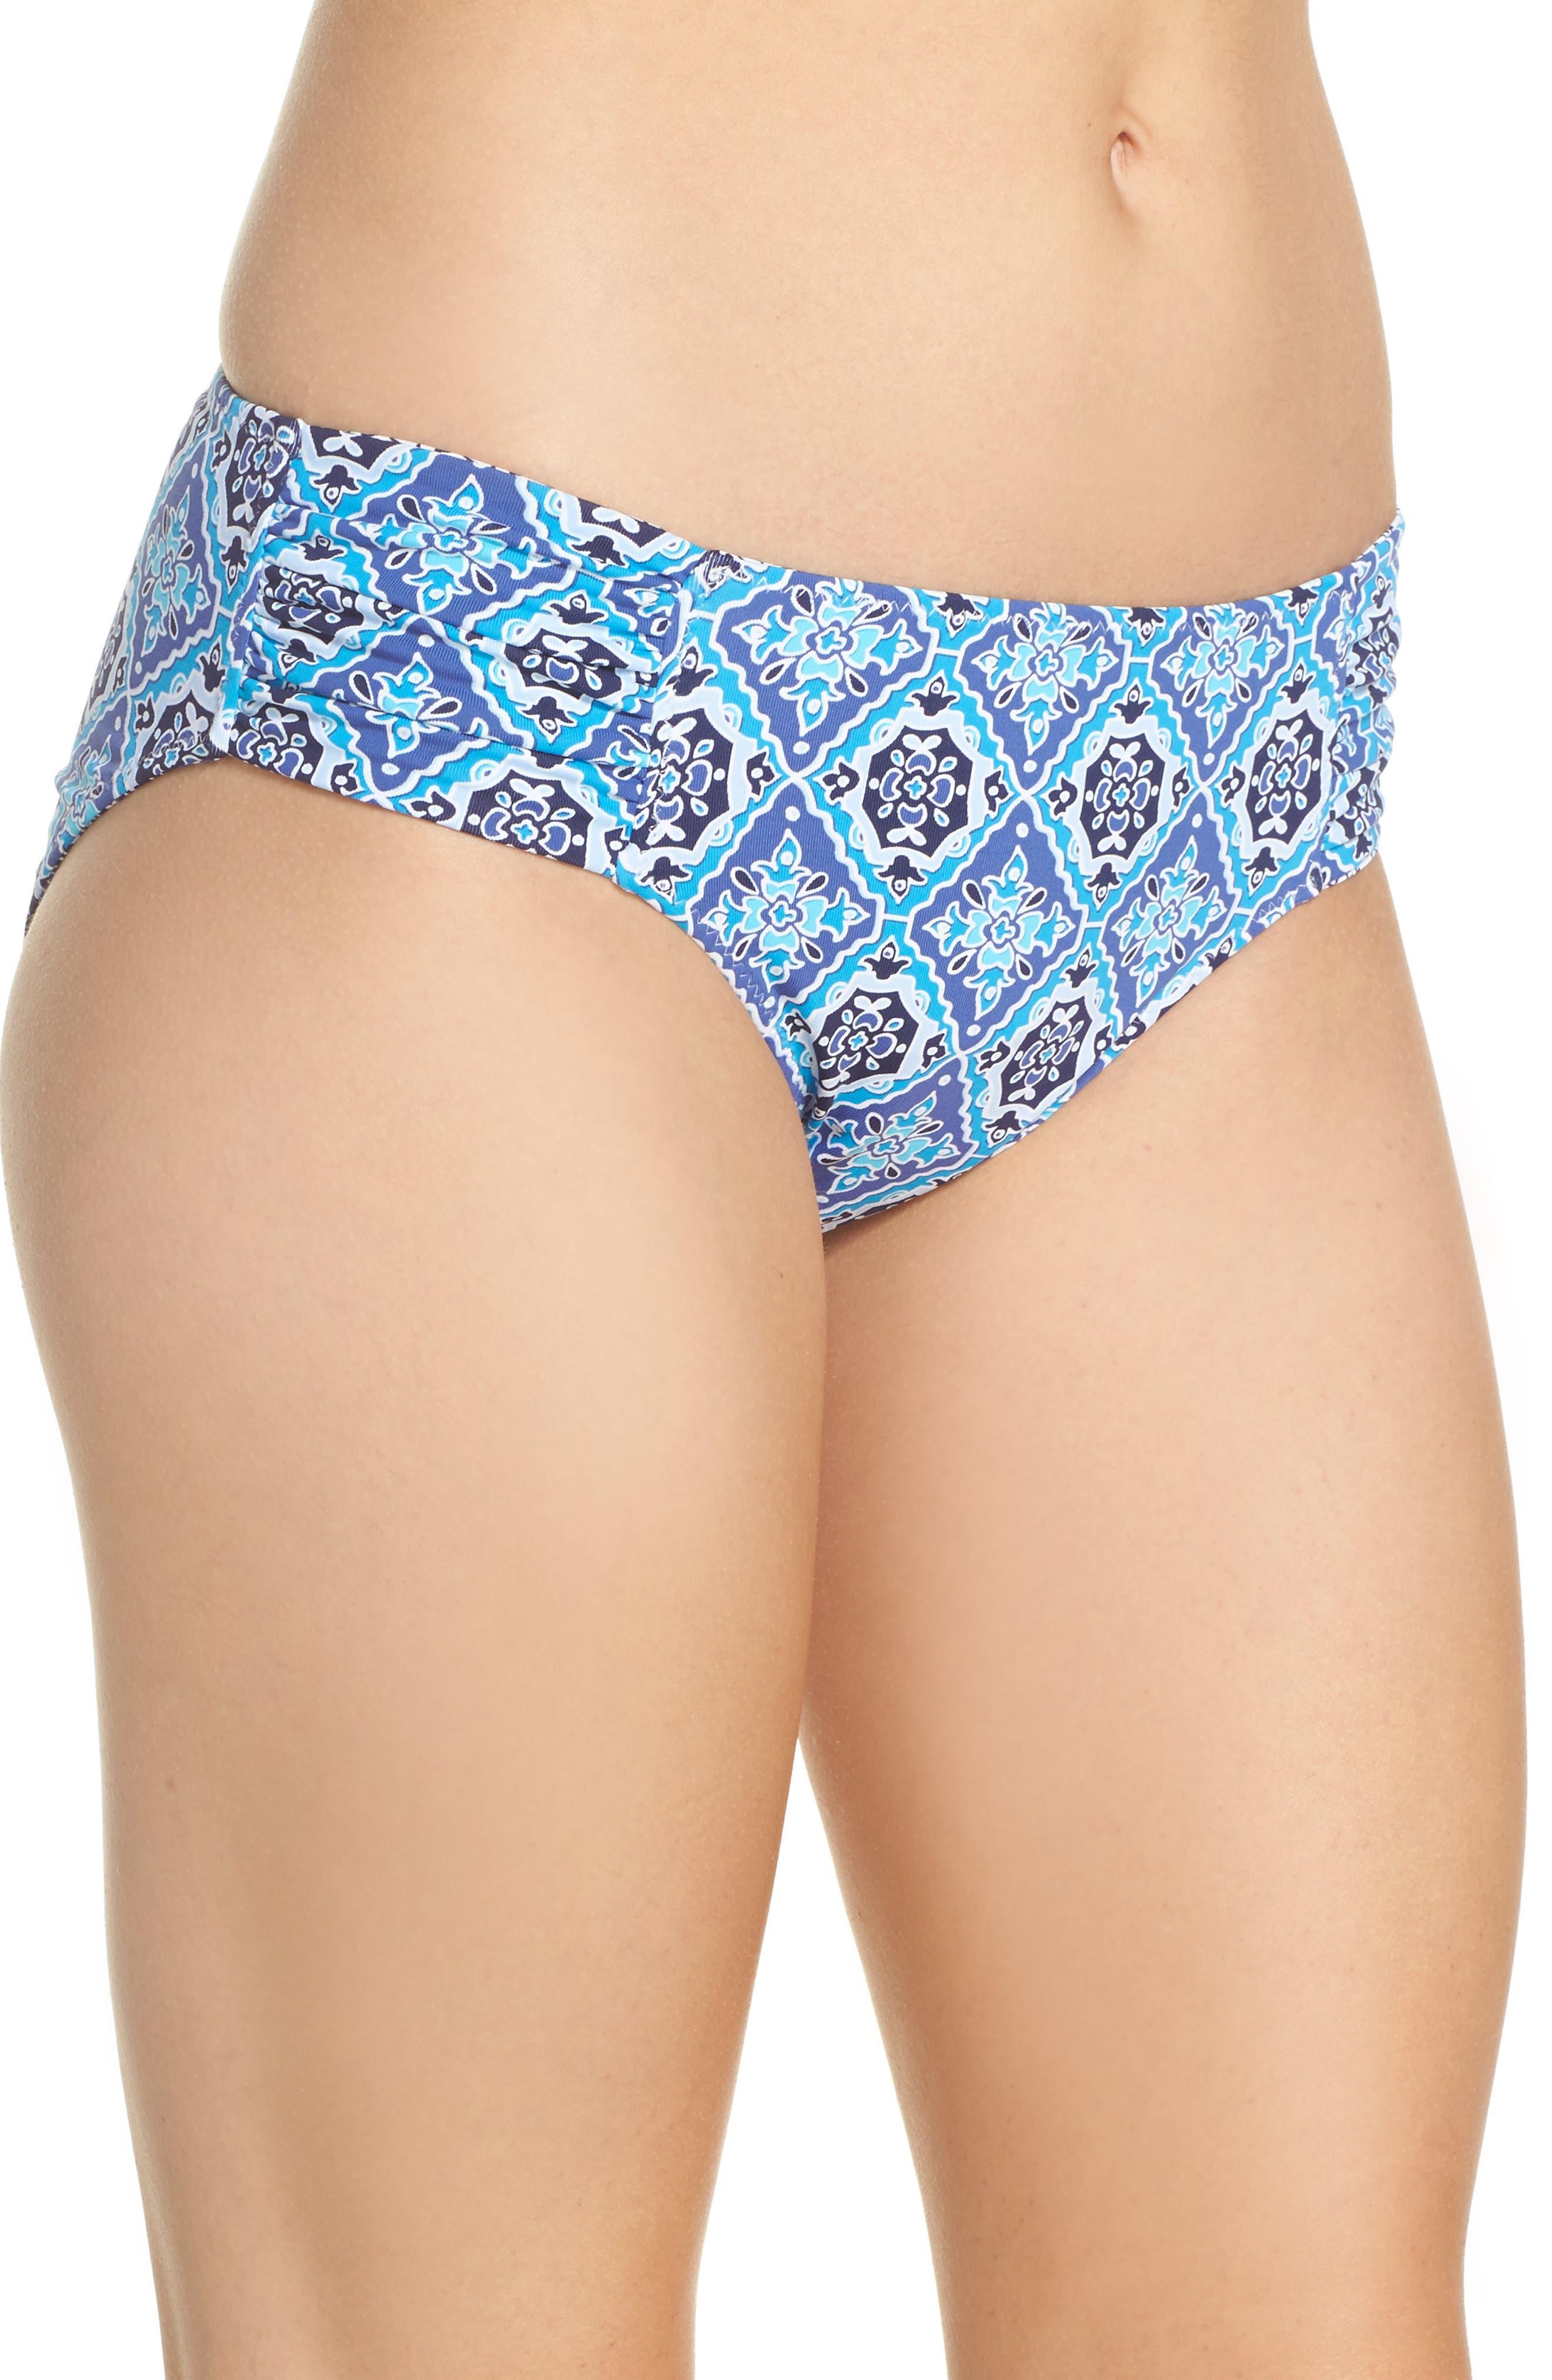 Tika Tiles Reversible Bikini Bottoms,                             Alternate thumbnail 3, color,                             400